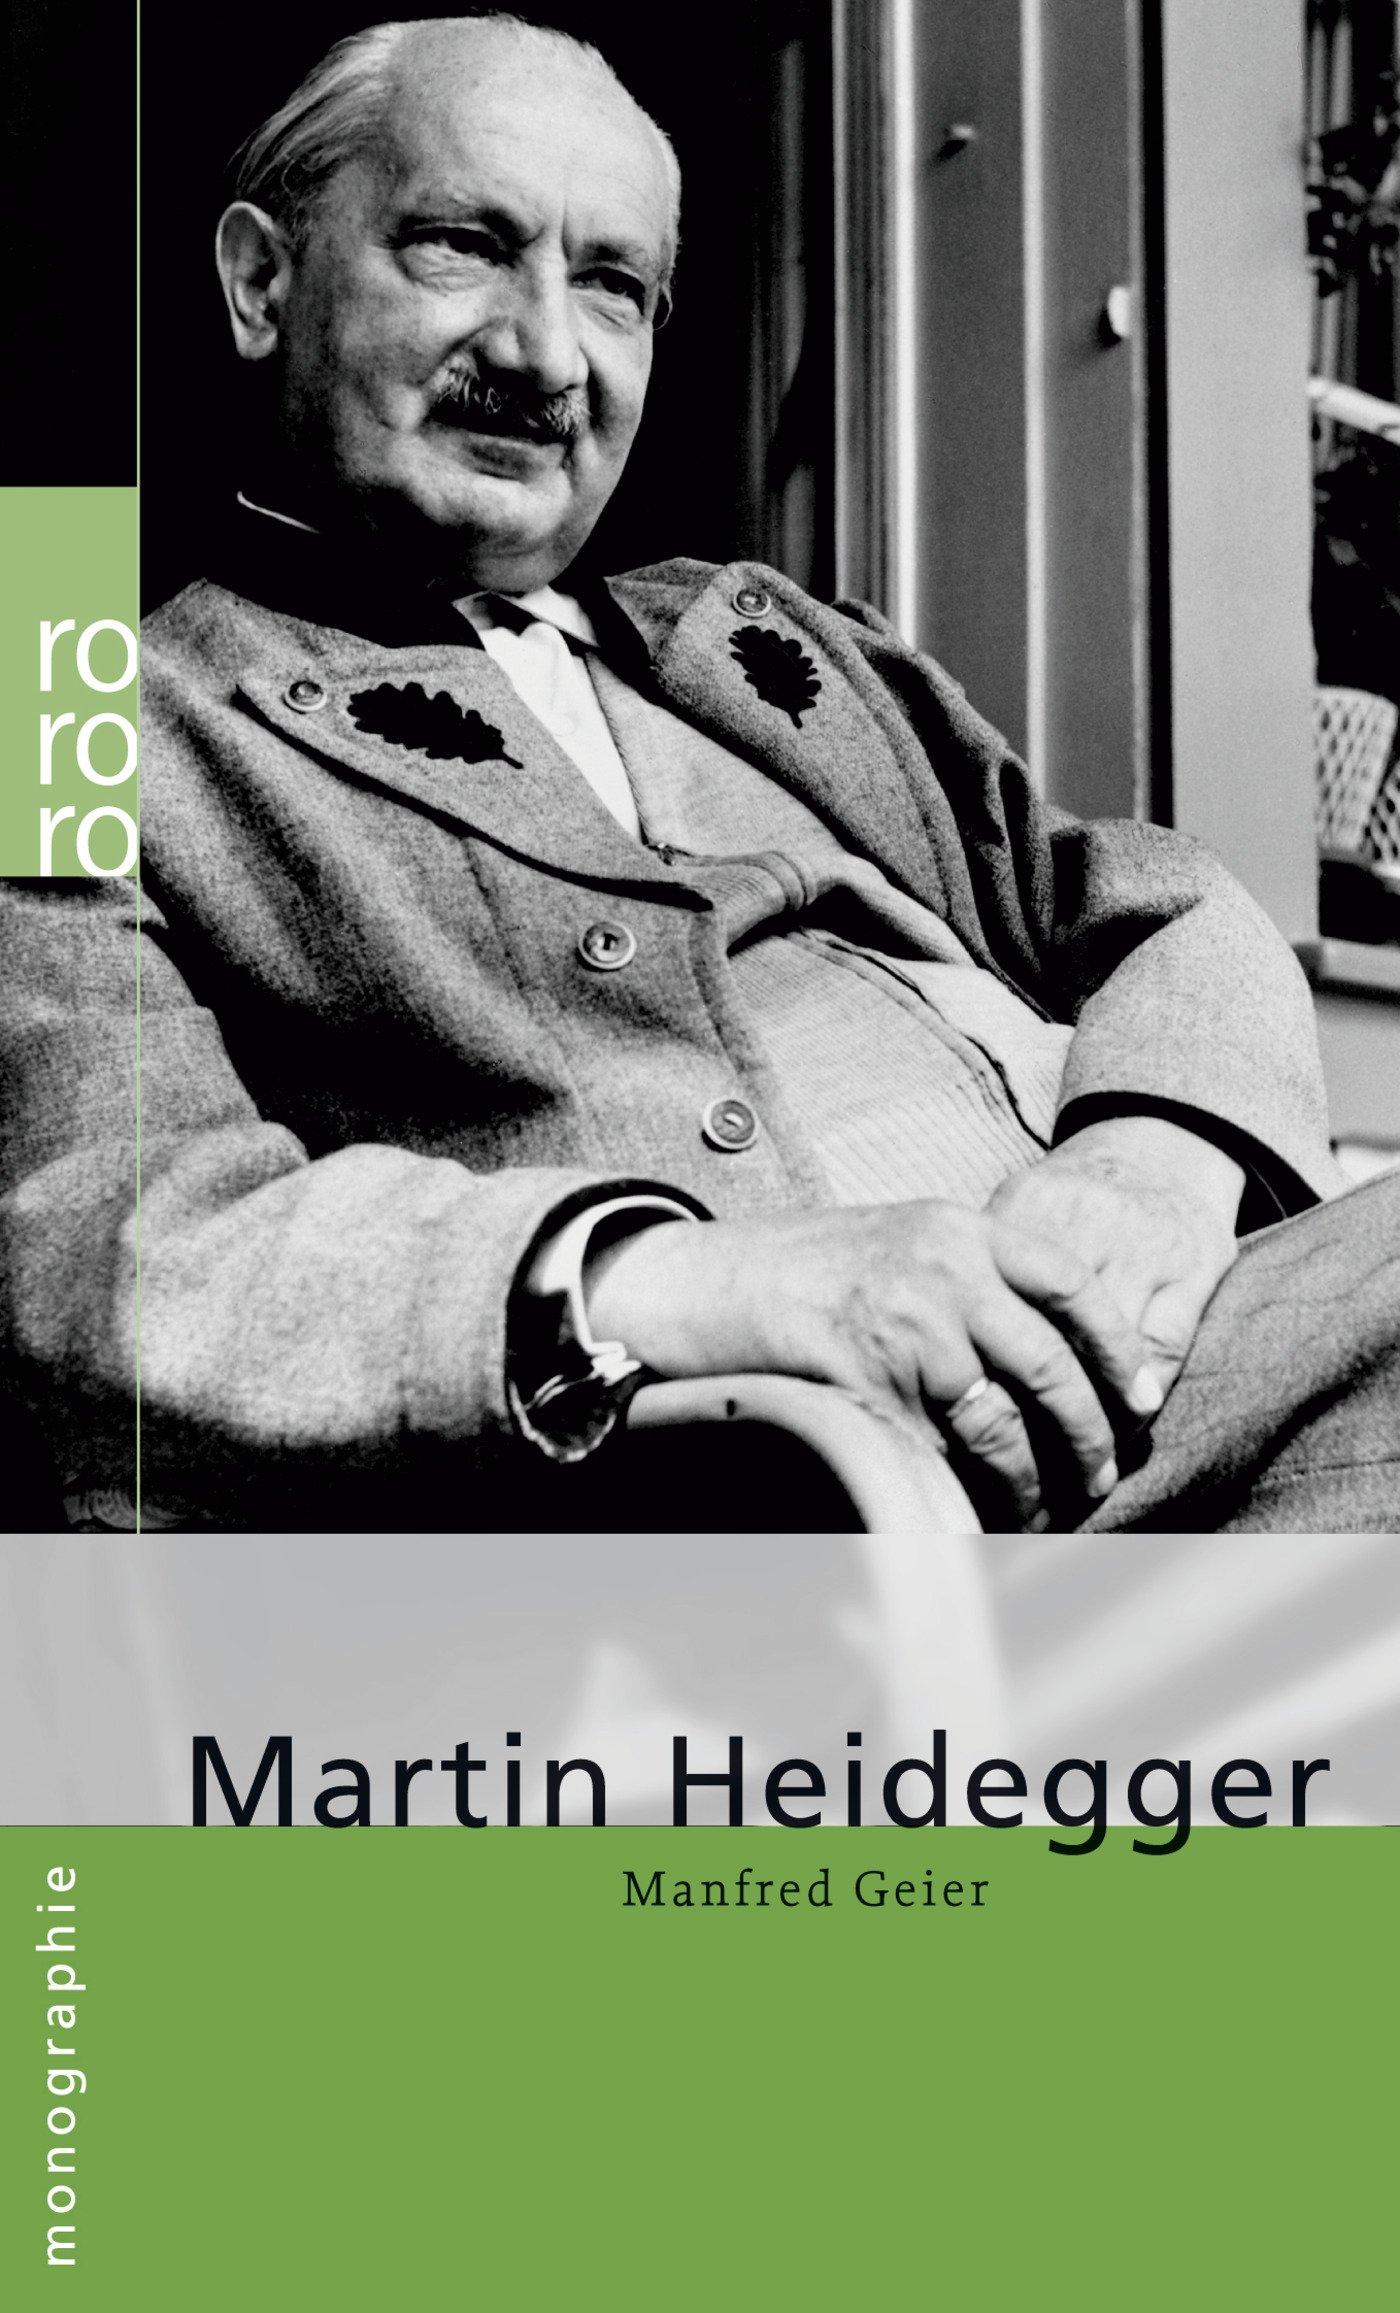 Martin Heidegger Taschenbuch – 1. November 2005 Manfred Geier Rowohlt Taschenbuch 3499506653 20.